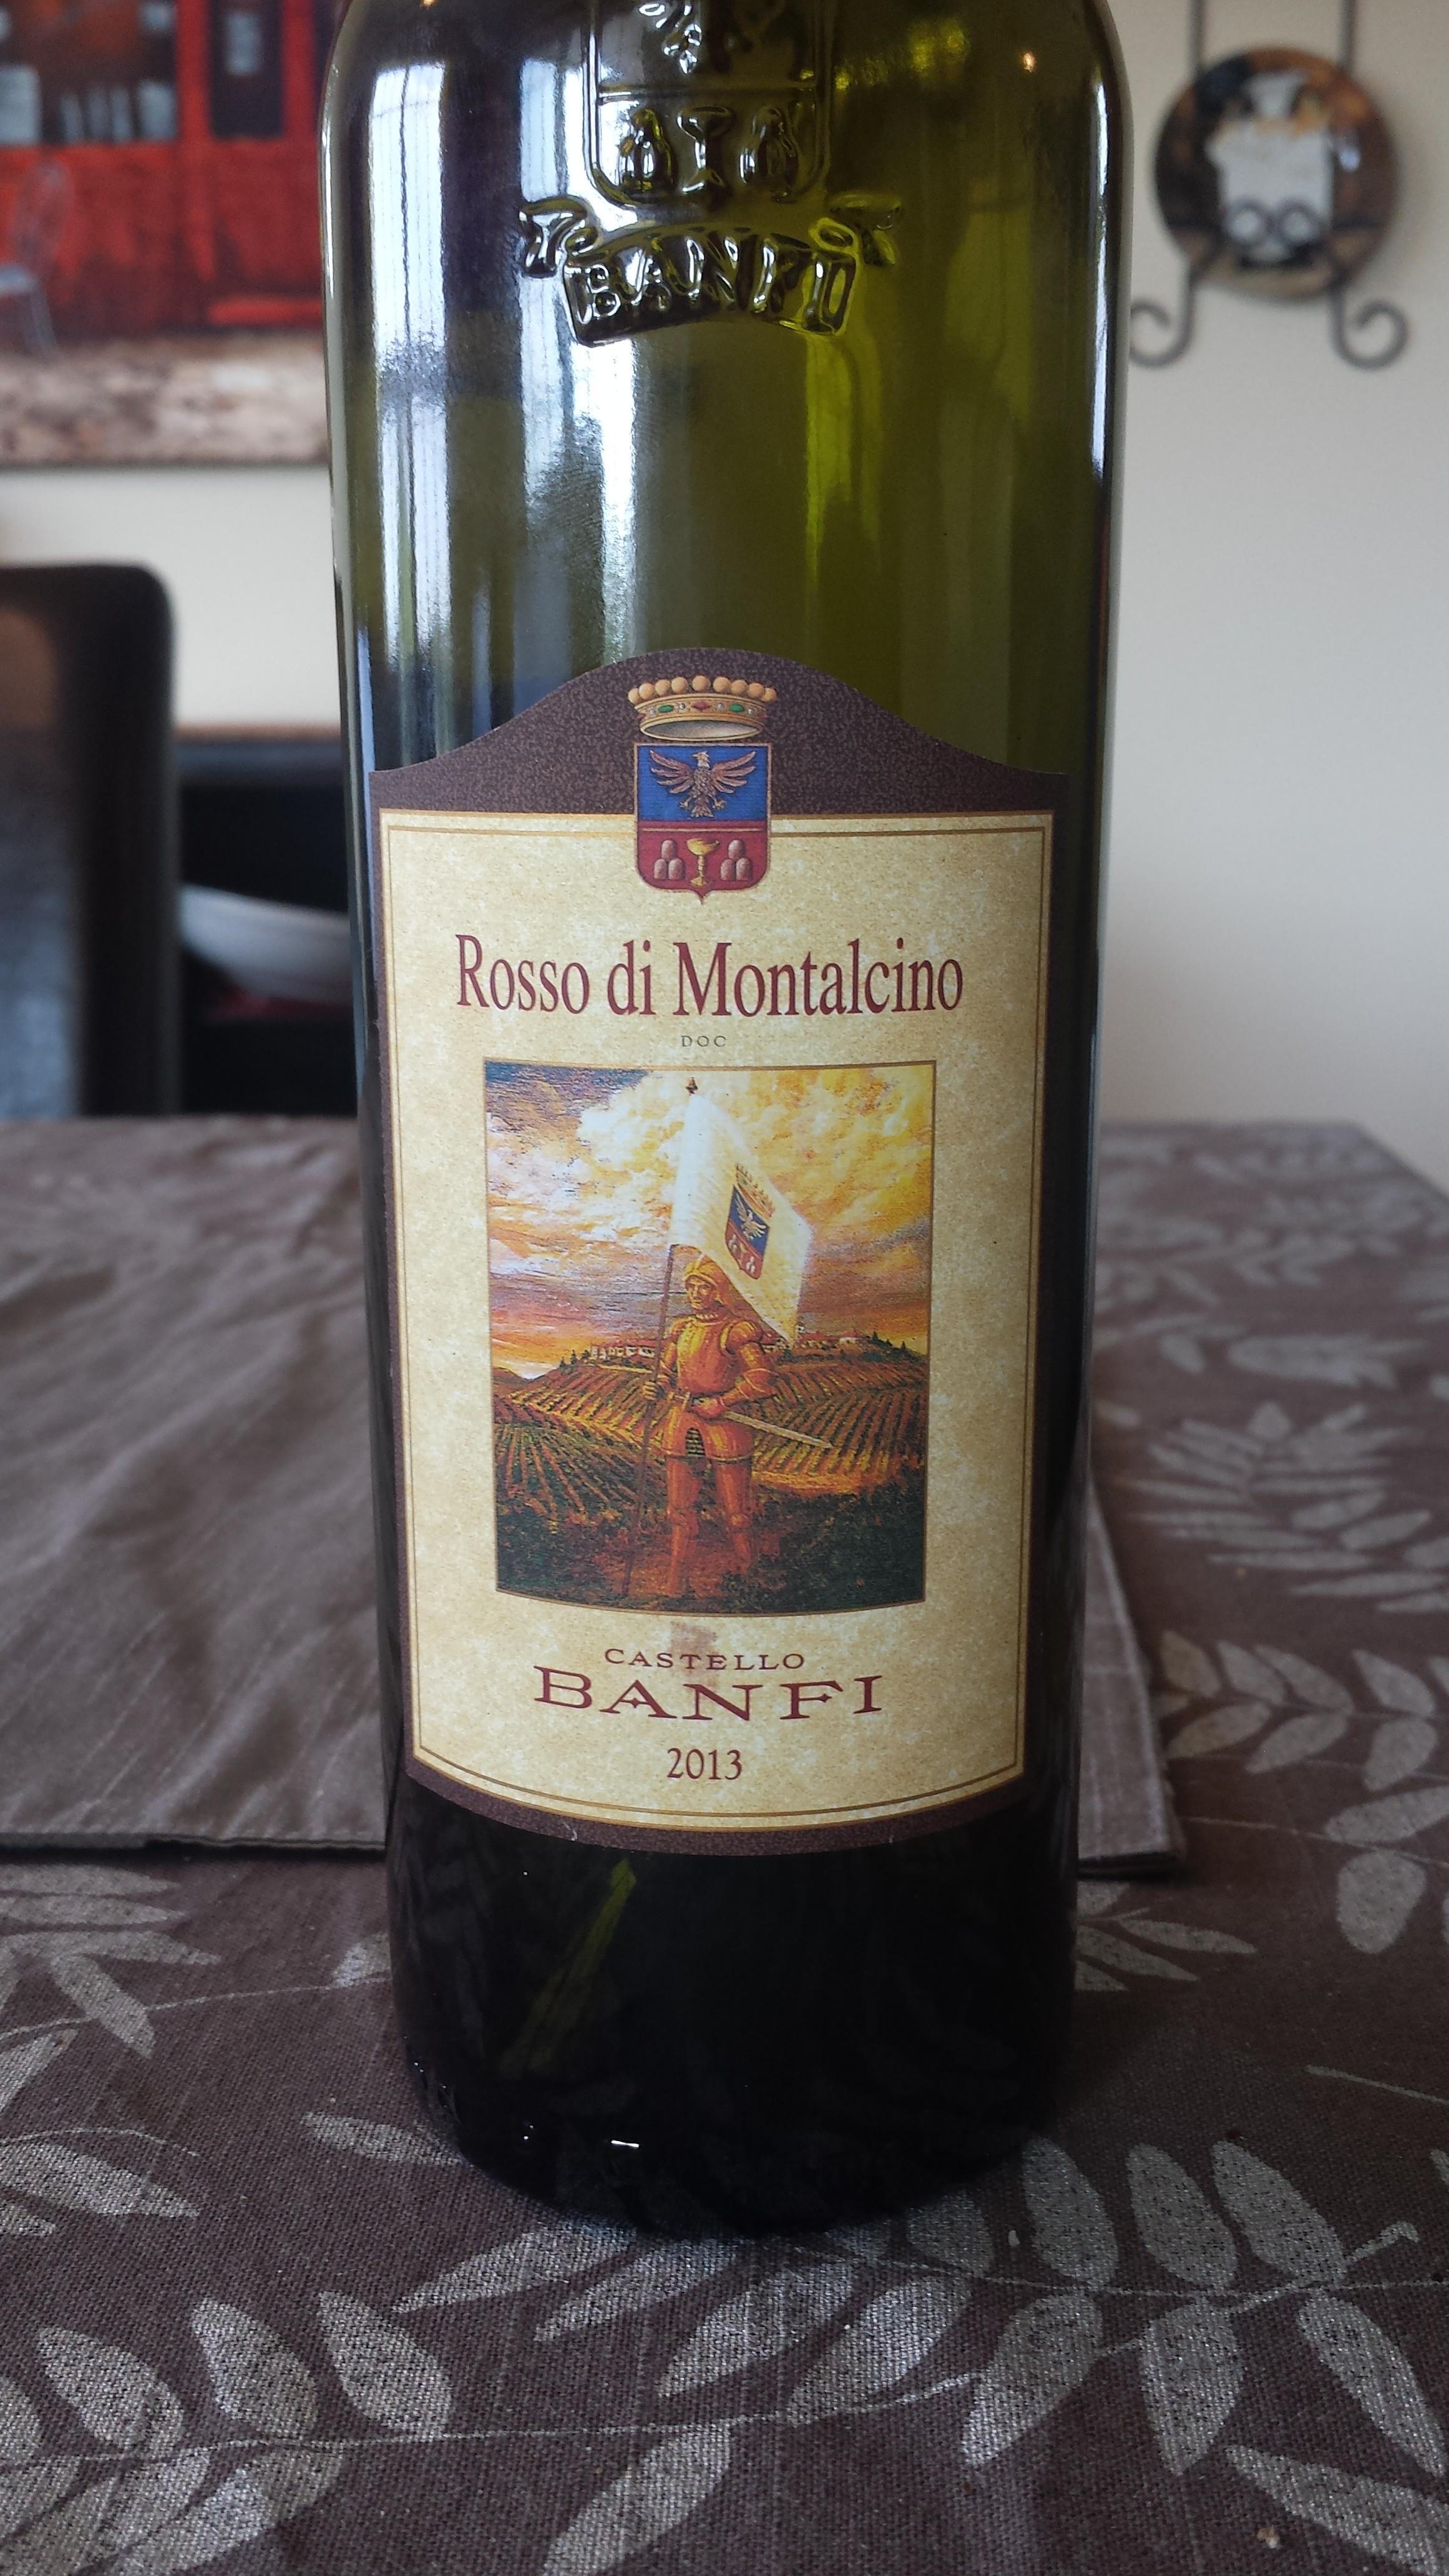 2013 Banfi Rosso di Montalcino DOC